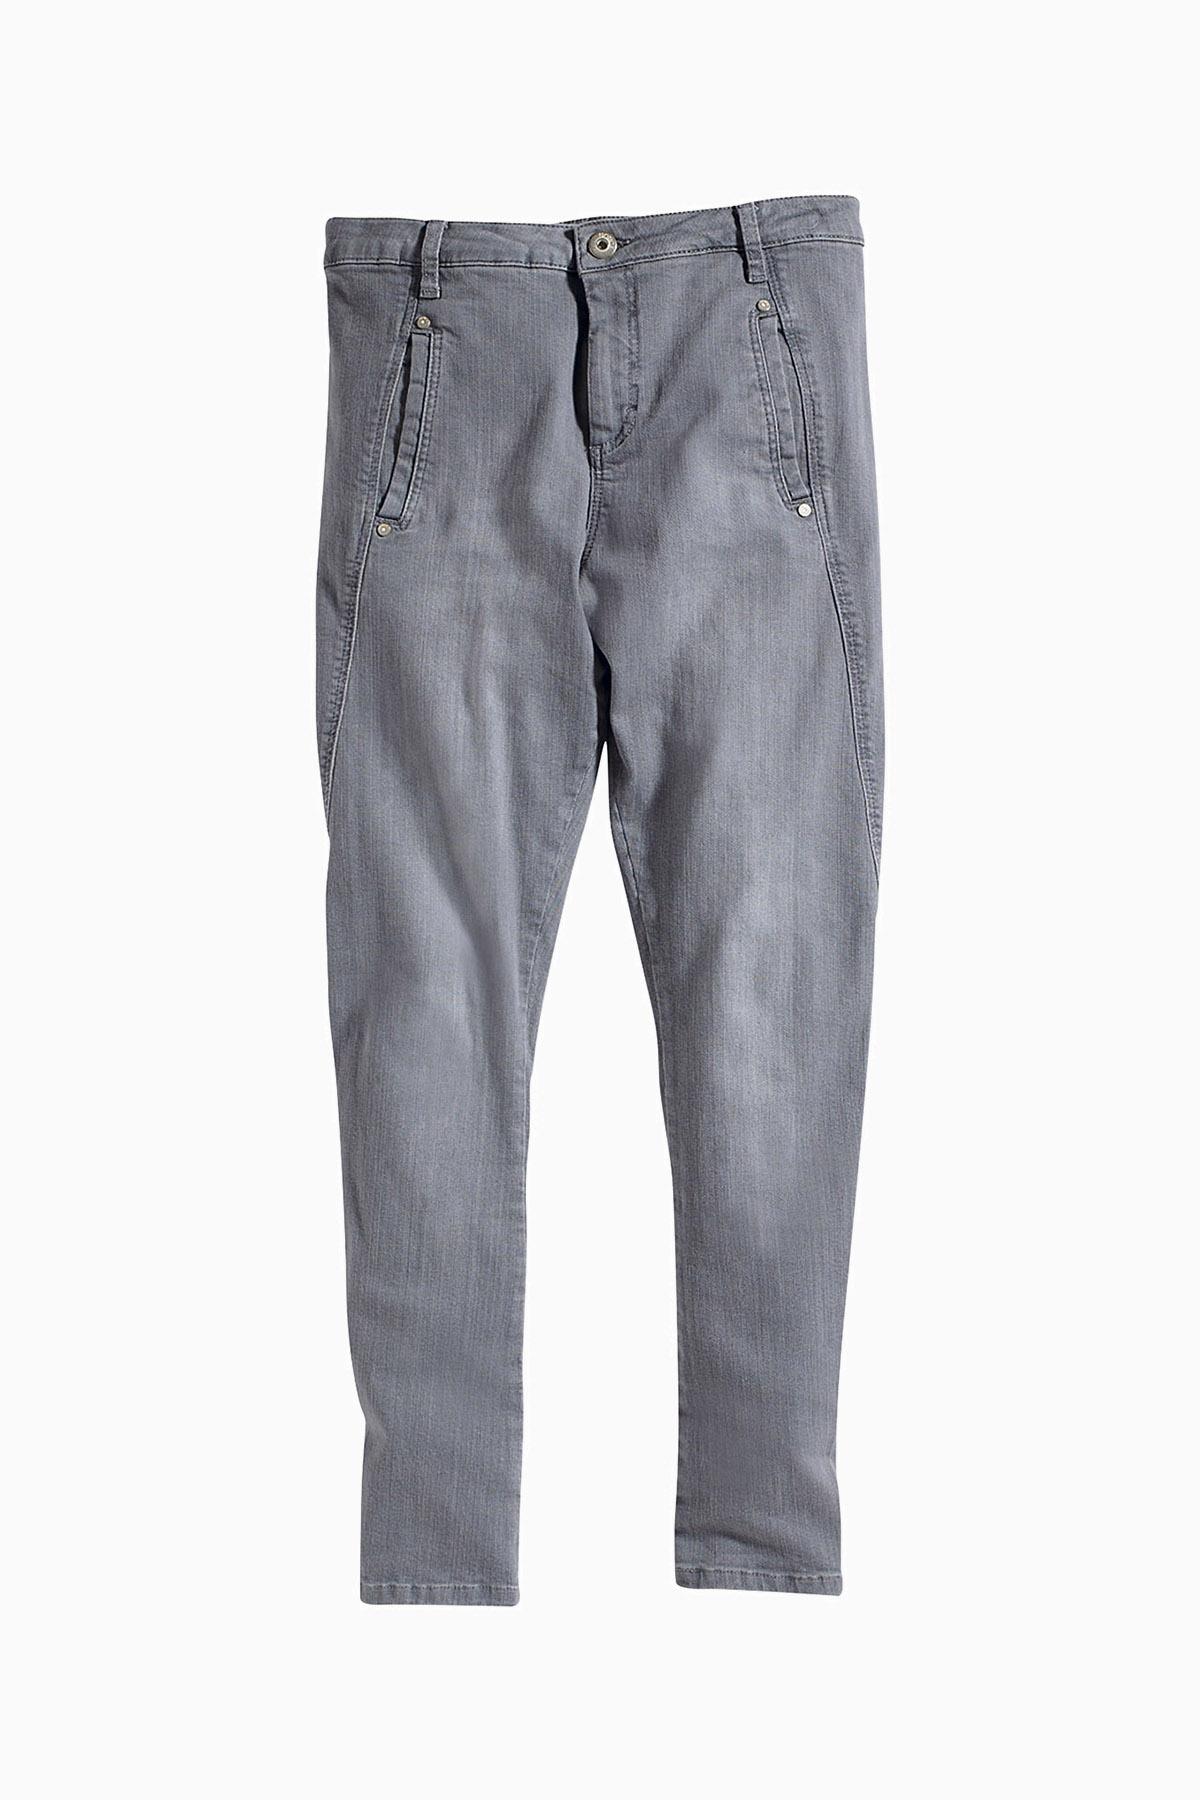 Grå Jeans från Bon'A Parte – Köp Grå Jeans från stl. 27-34 här